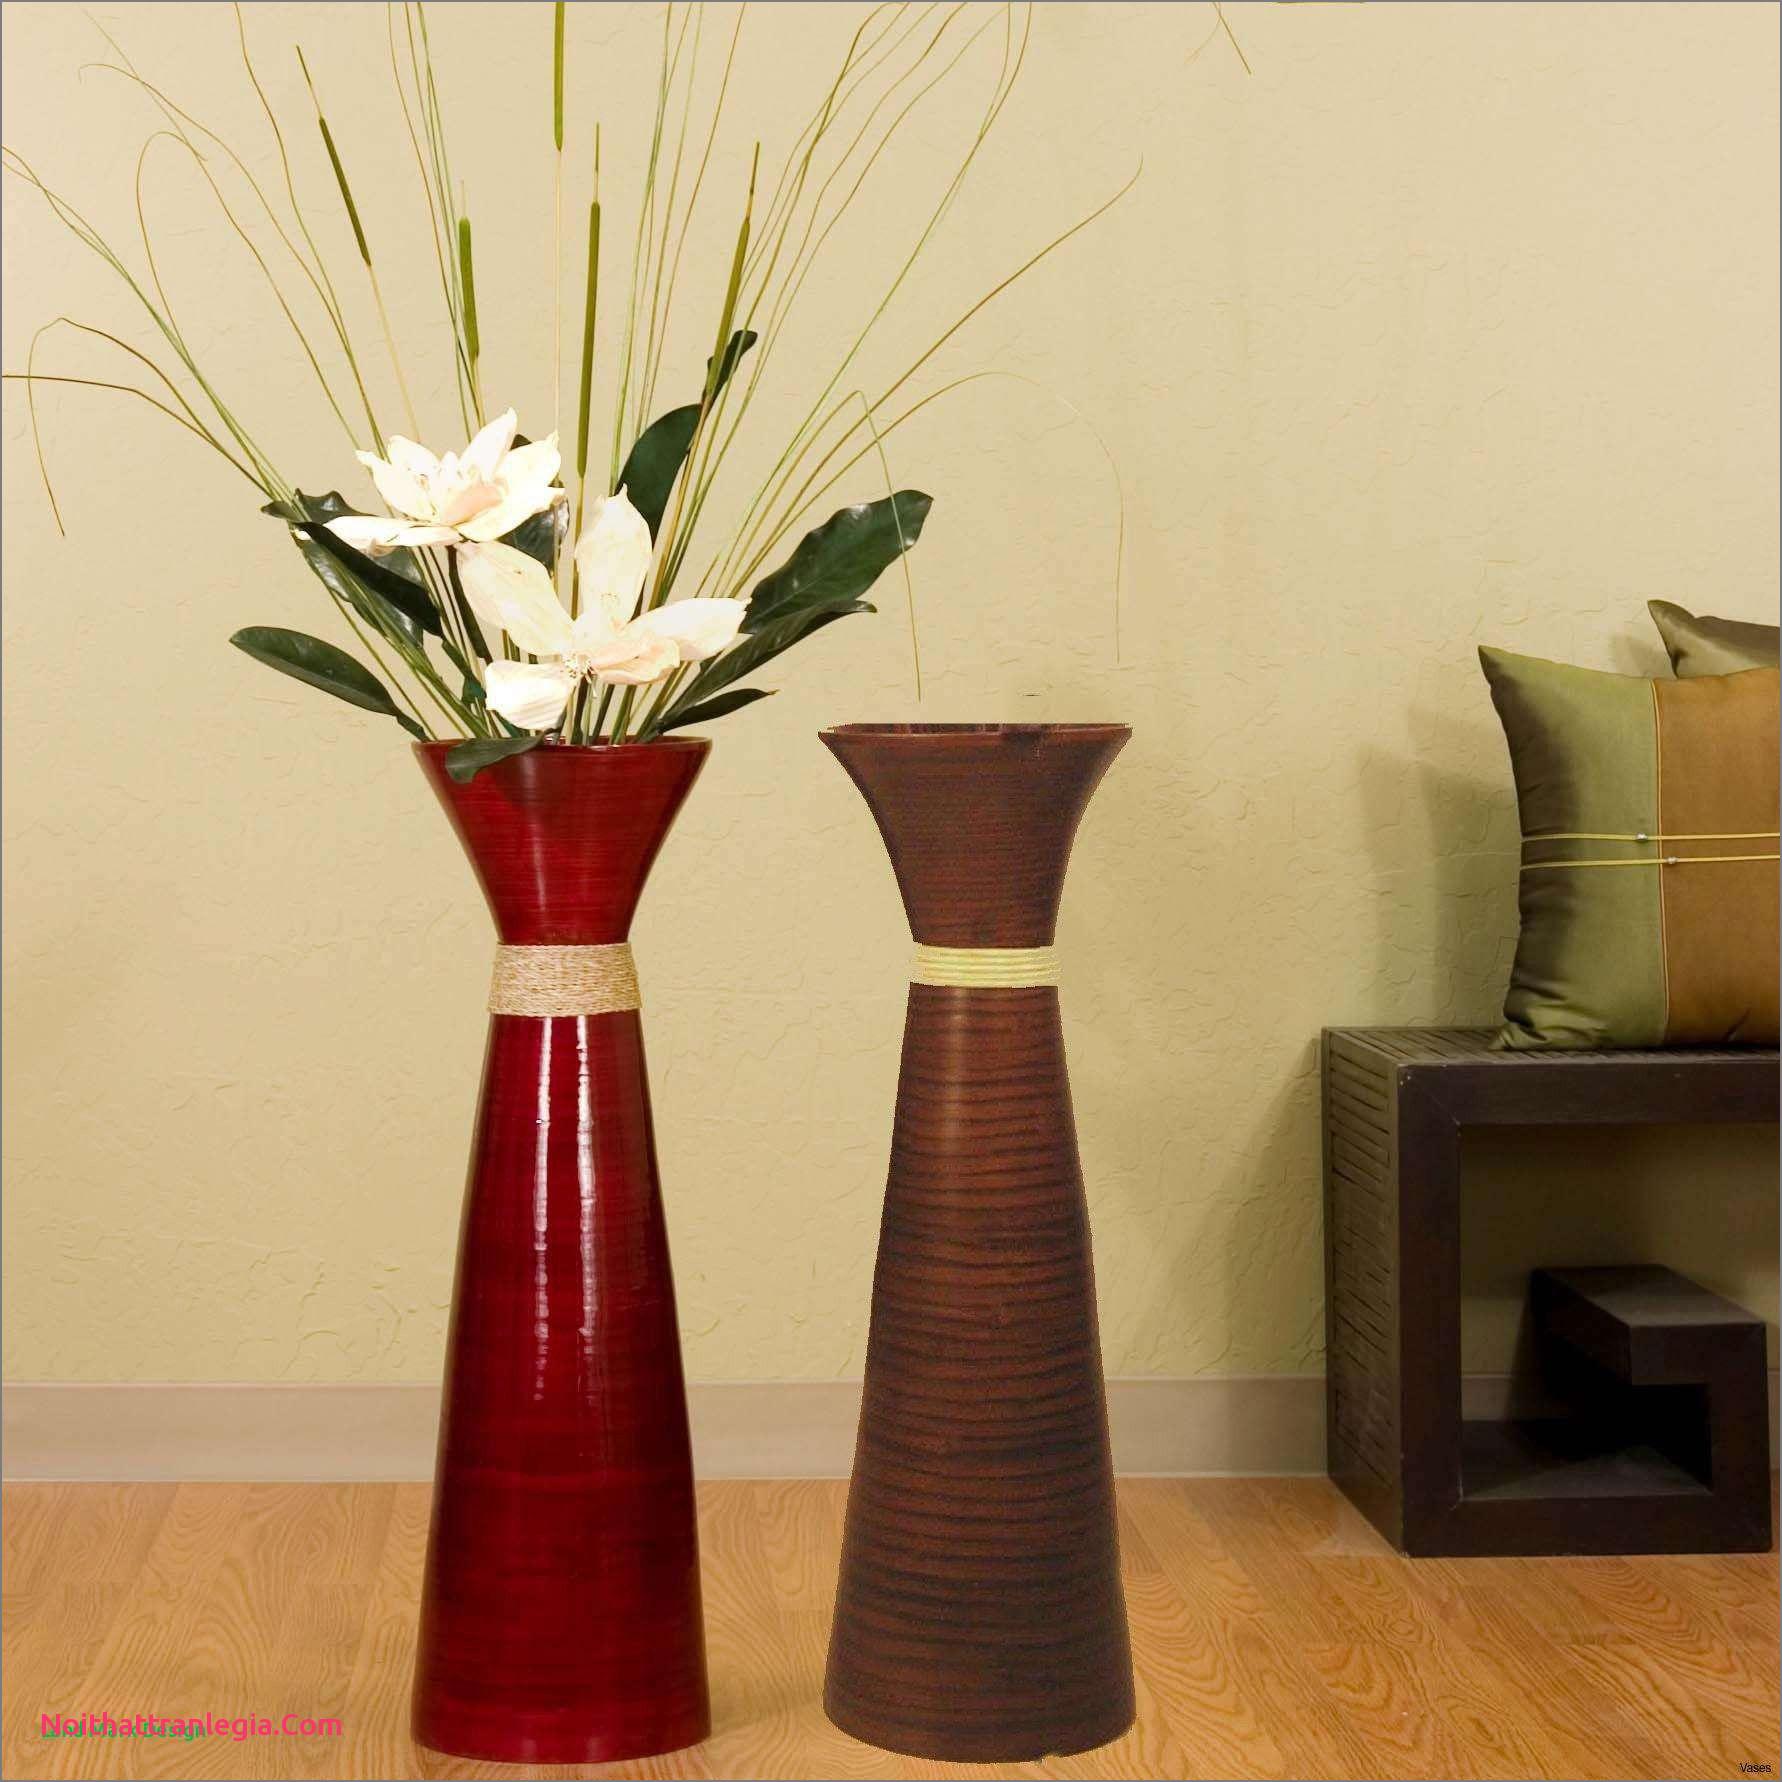 big flower vase online of 20 large floor vase nz noithattranlegia vases design within full size of living room wooden vase best of vases flower floor vase with flowersi large